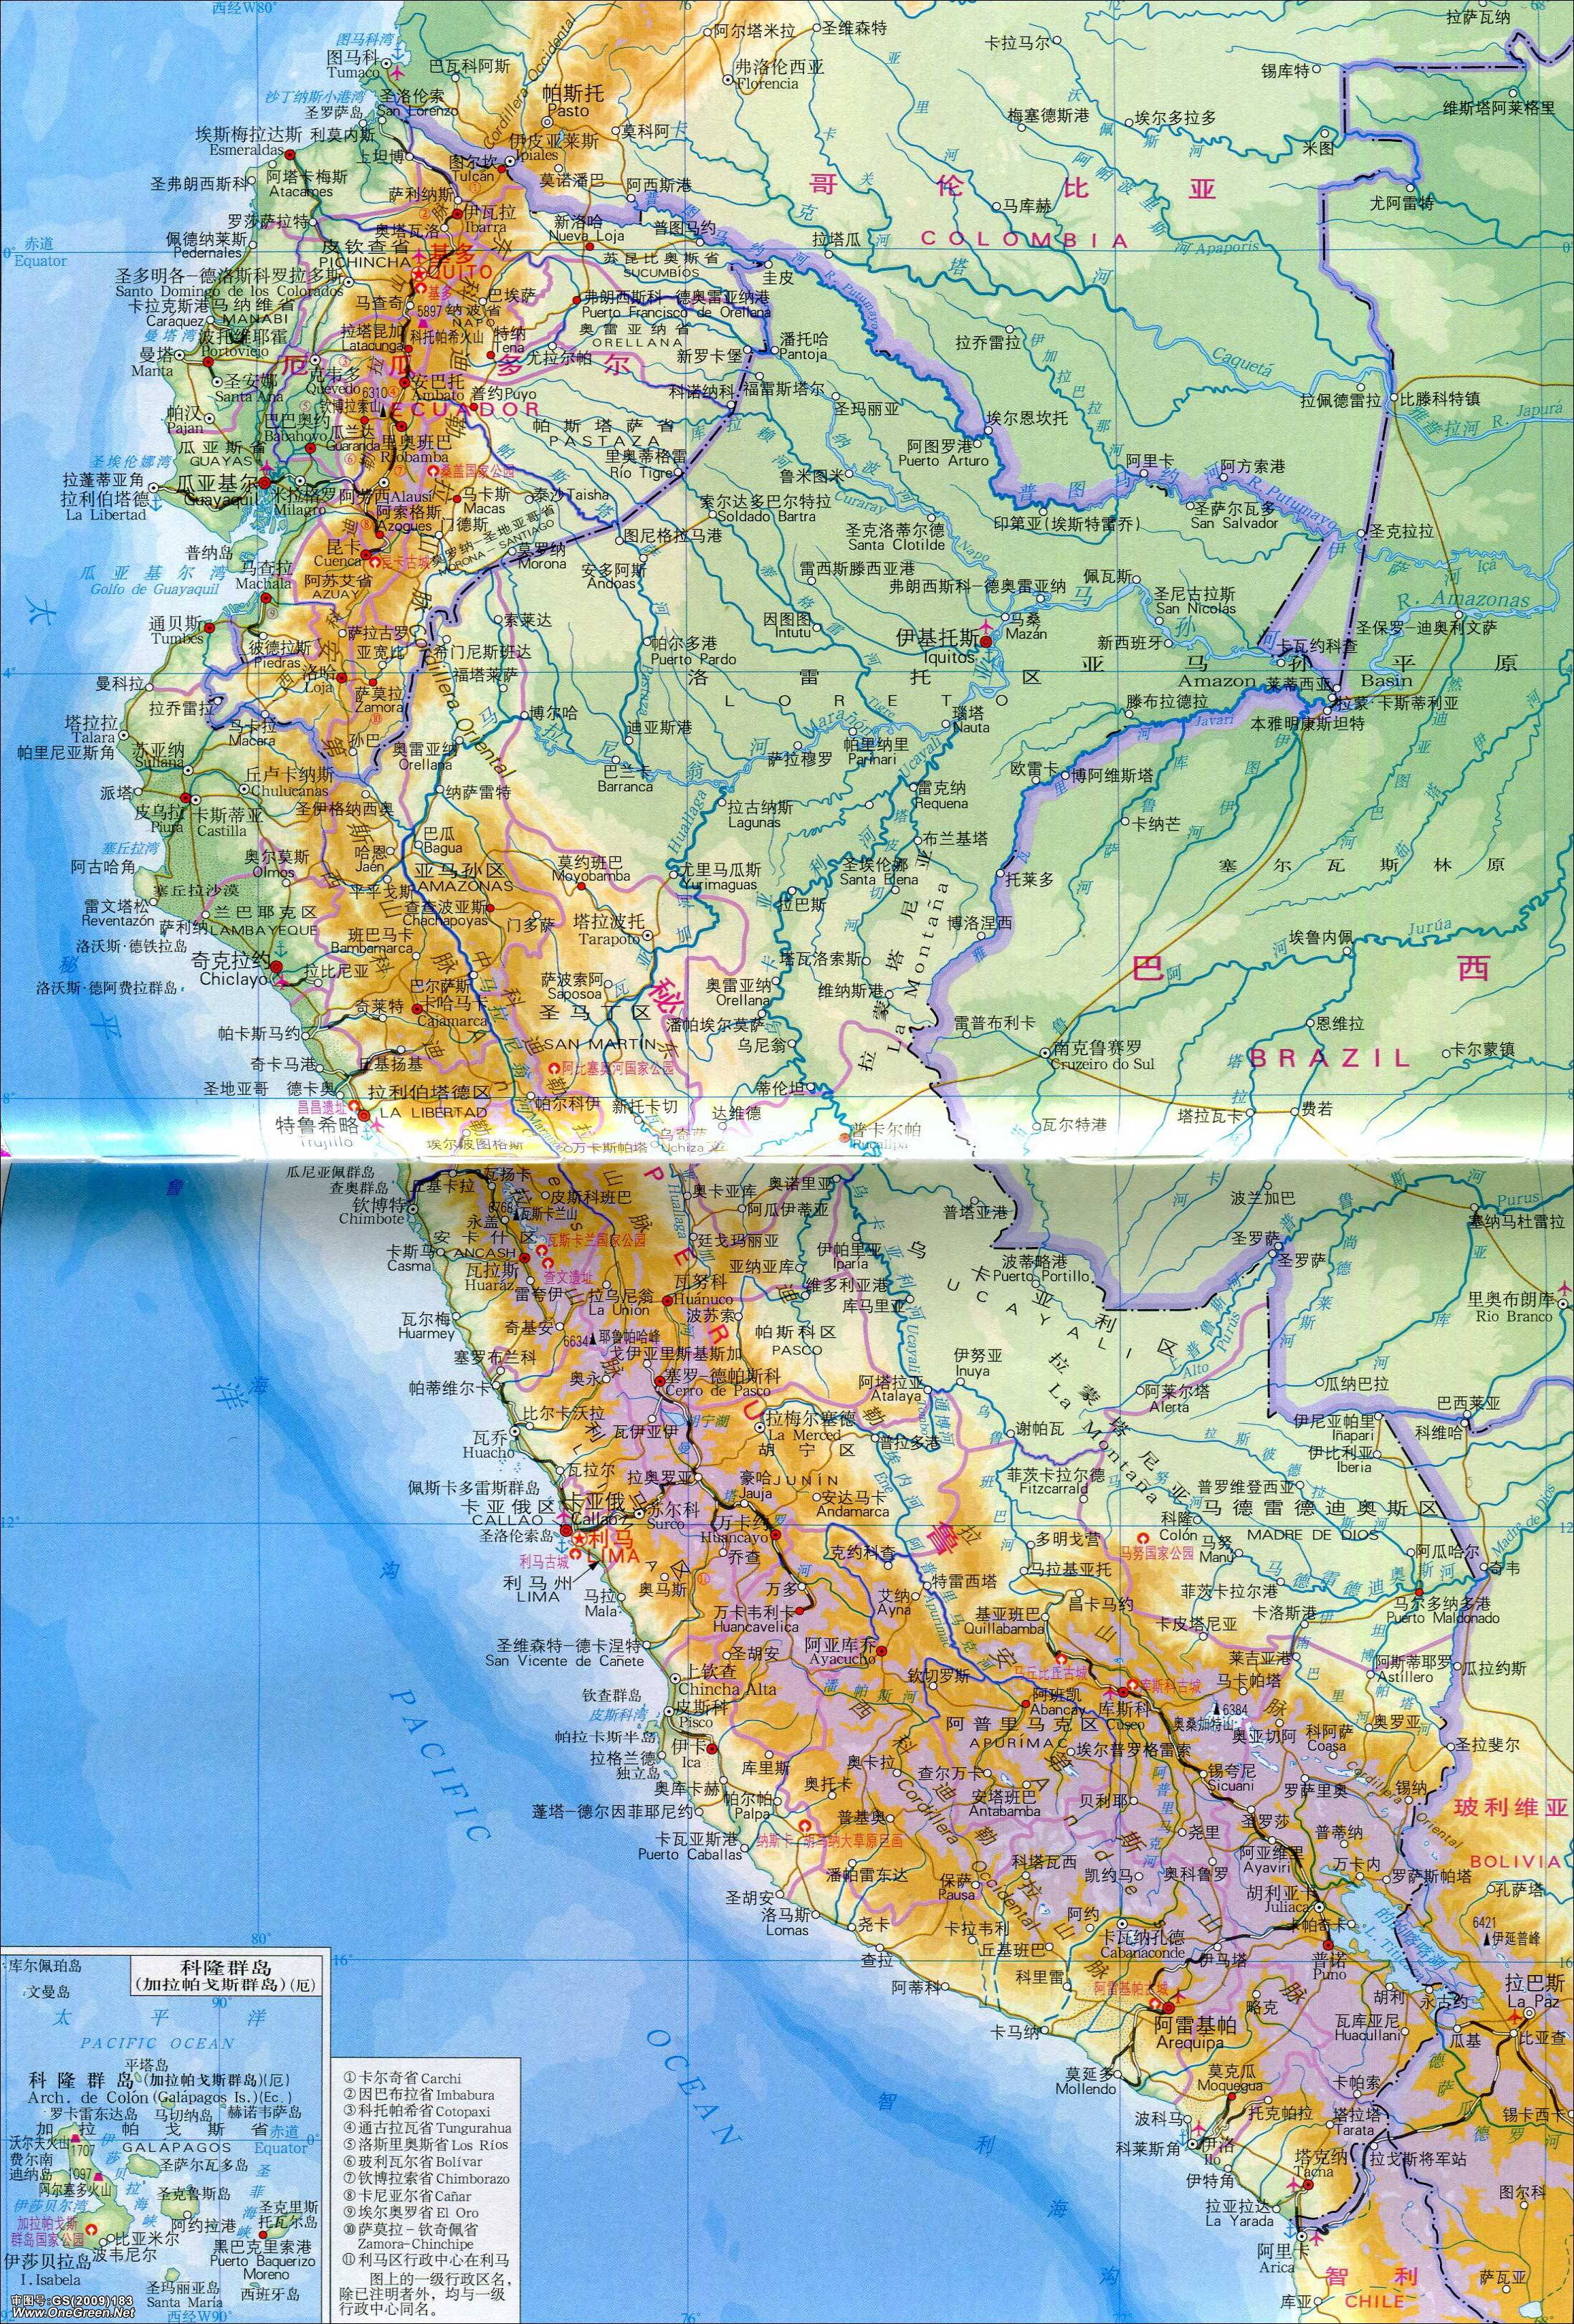 中国旅游景点图_厄瓜多尔地图_厄瓜多尔地图库_地图窝